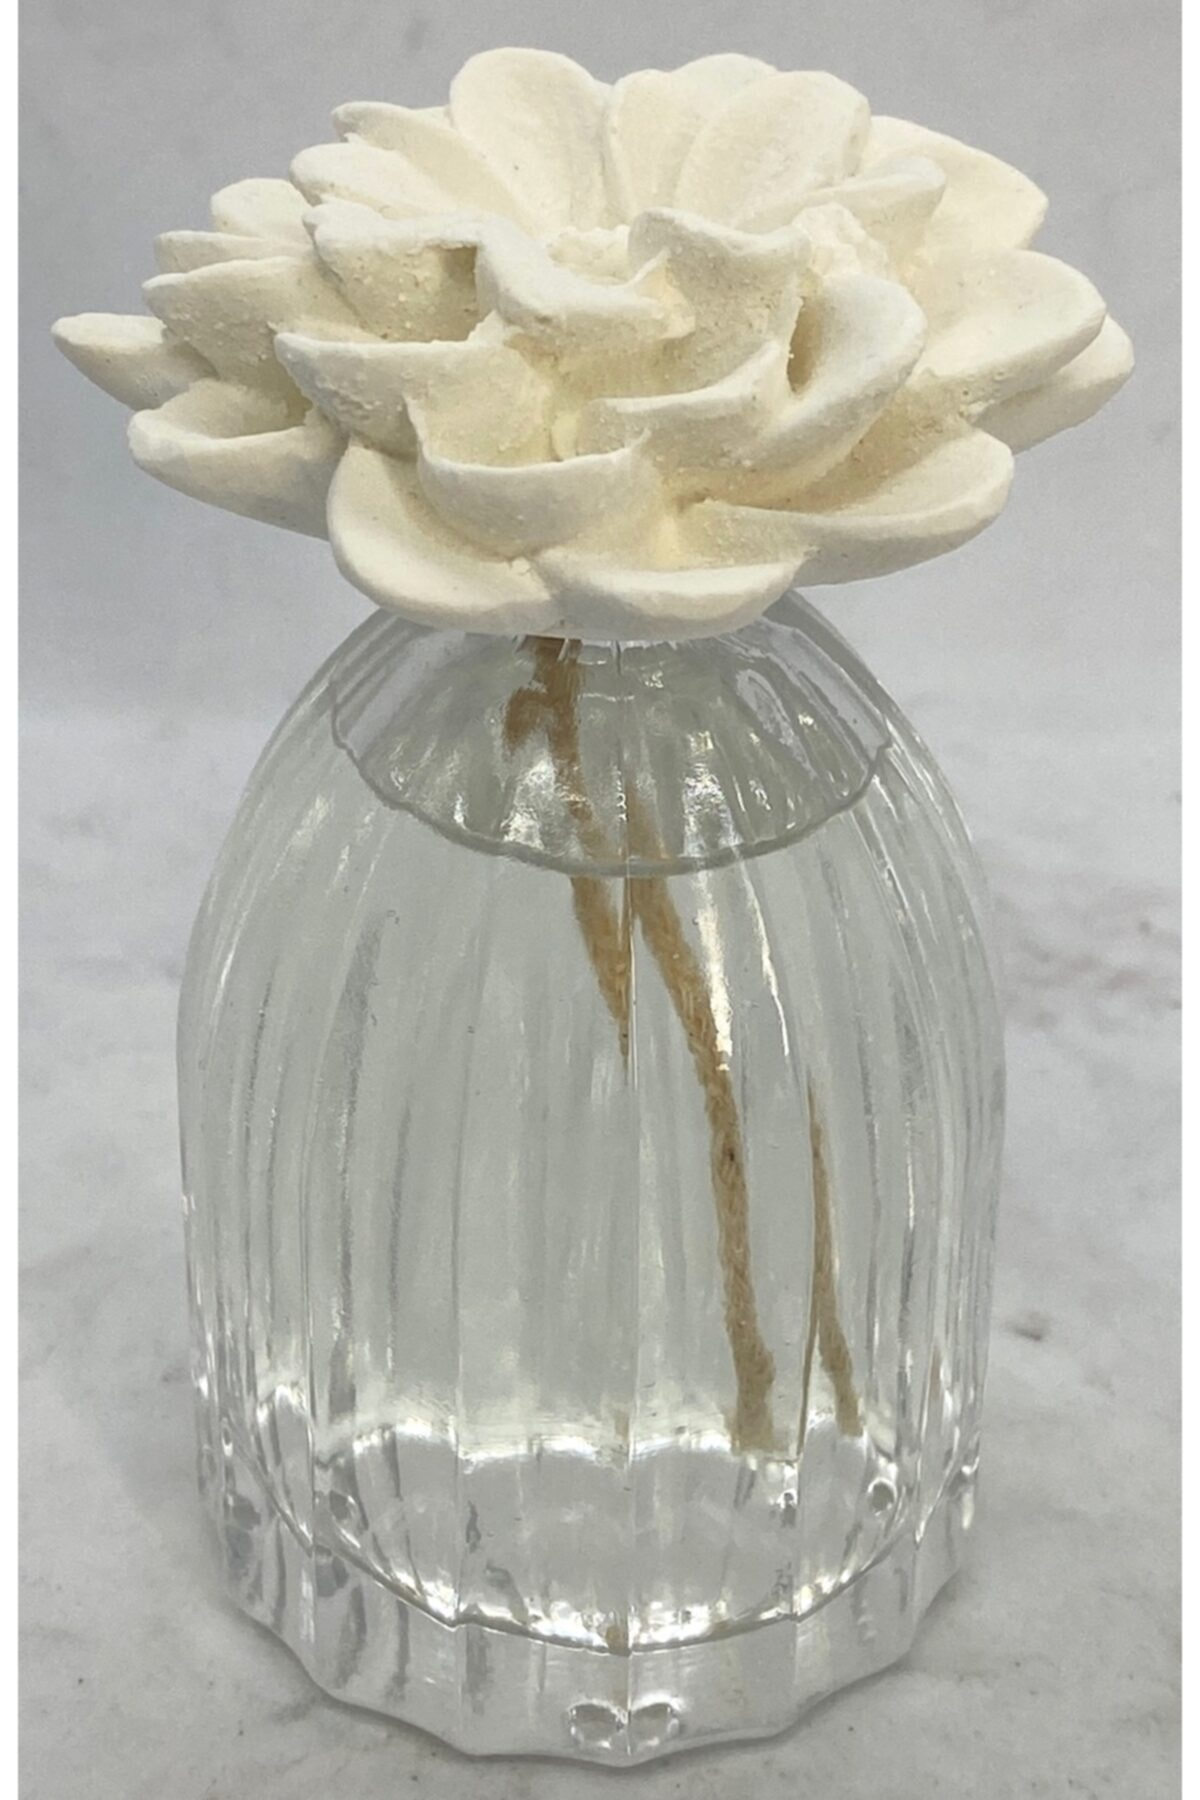 100 Cc Kafes Şişe Çiçek Seramik Taşlı Yasemin Sandal Oda Kokusu